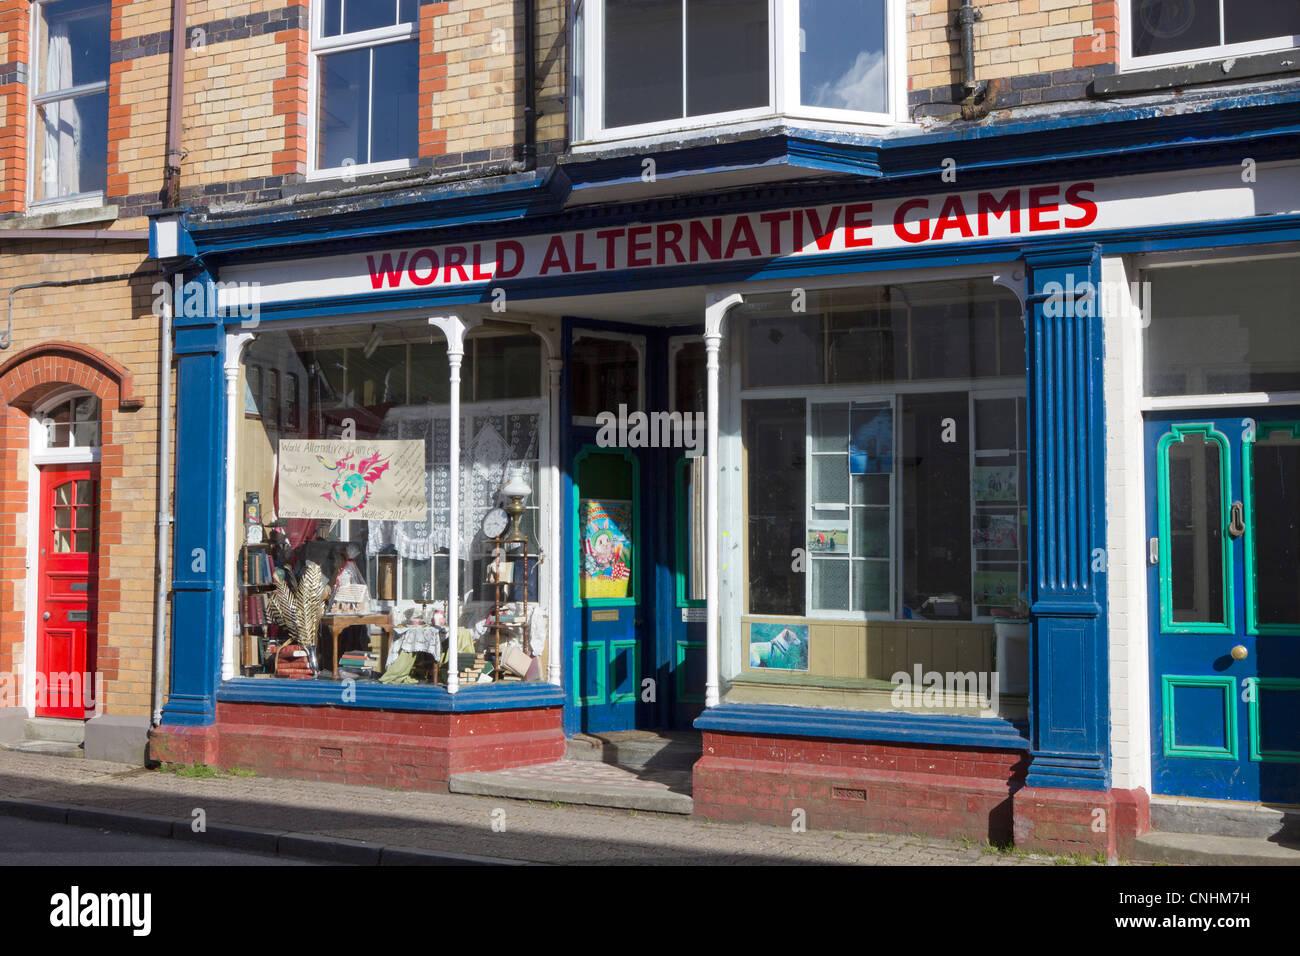 Alternative Weltspiele anzeigen in einem Schaufenster in Llanwrtyd Wells, Powys UK Stockbild